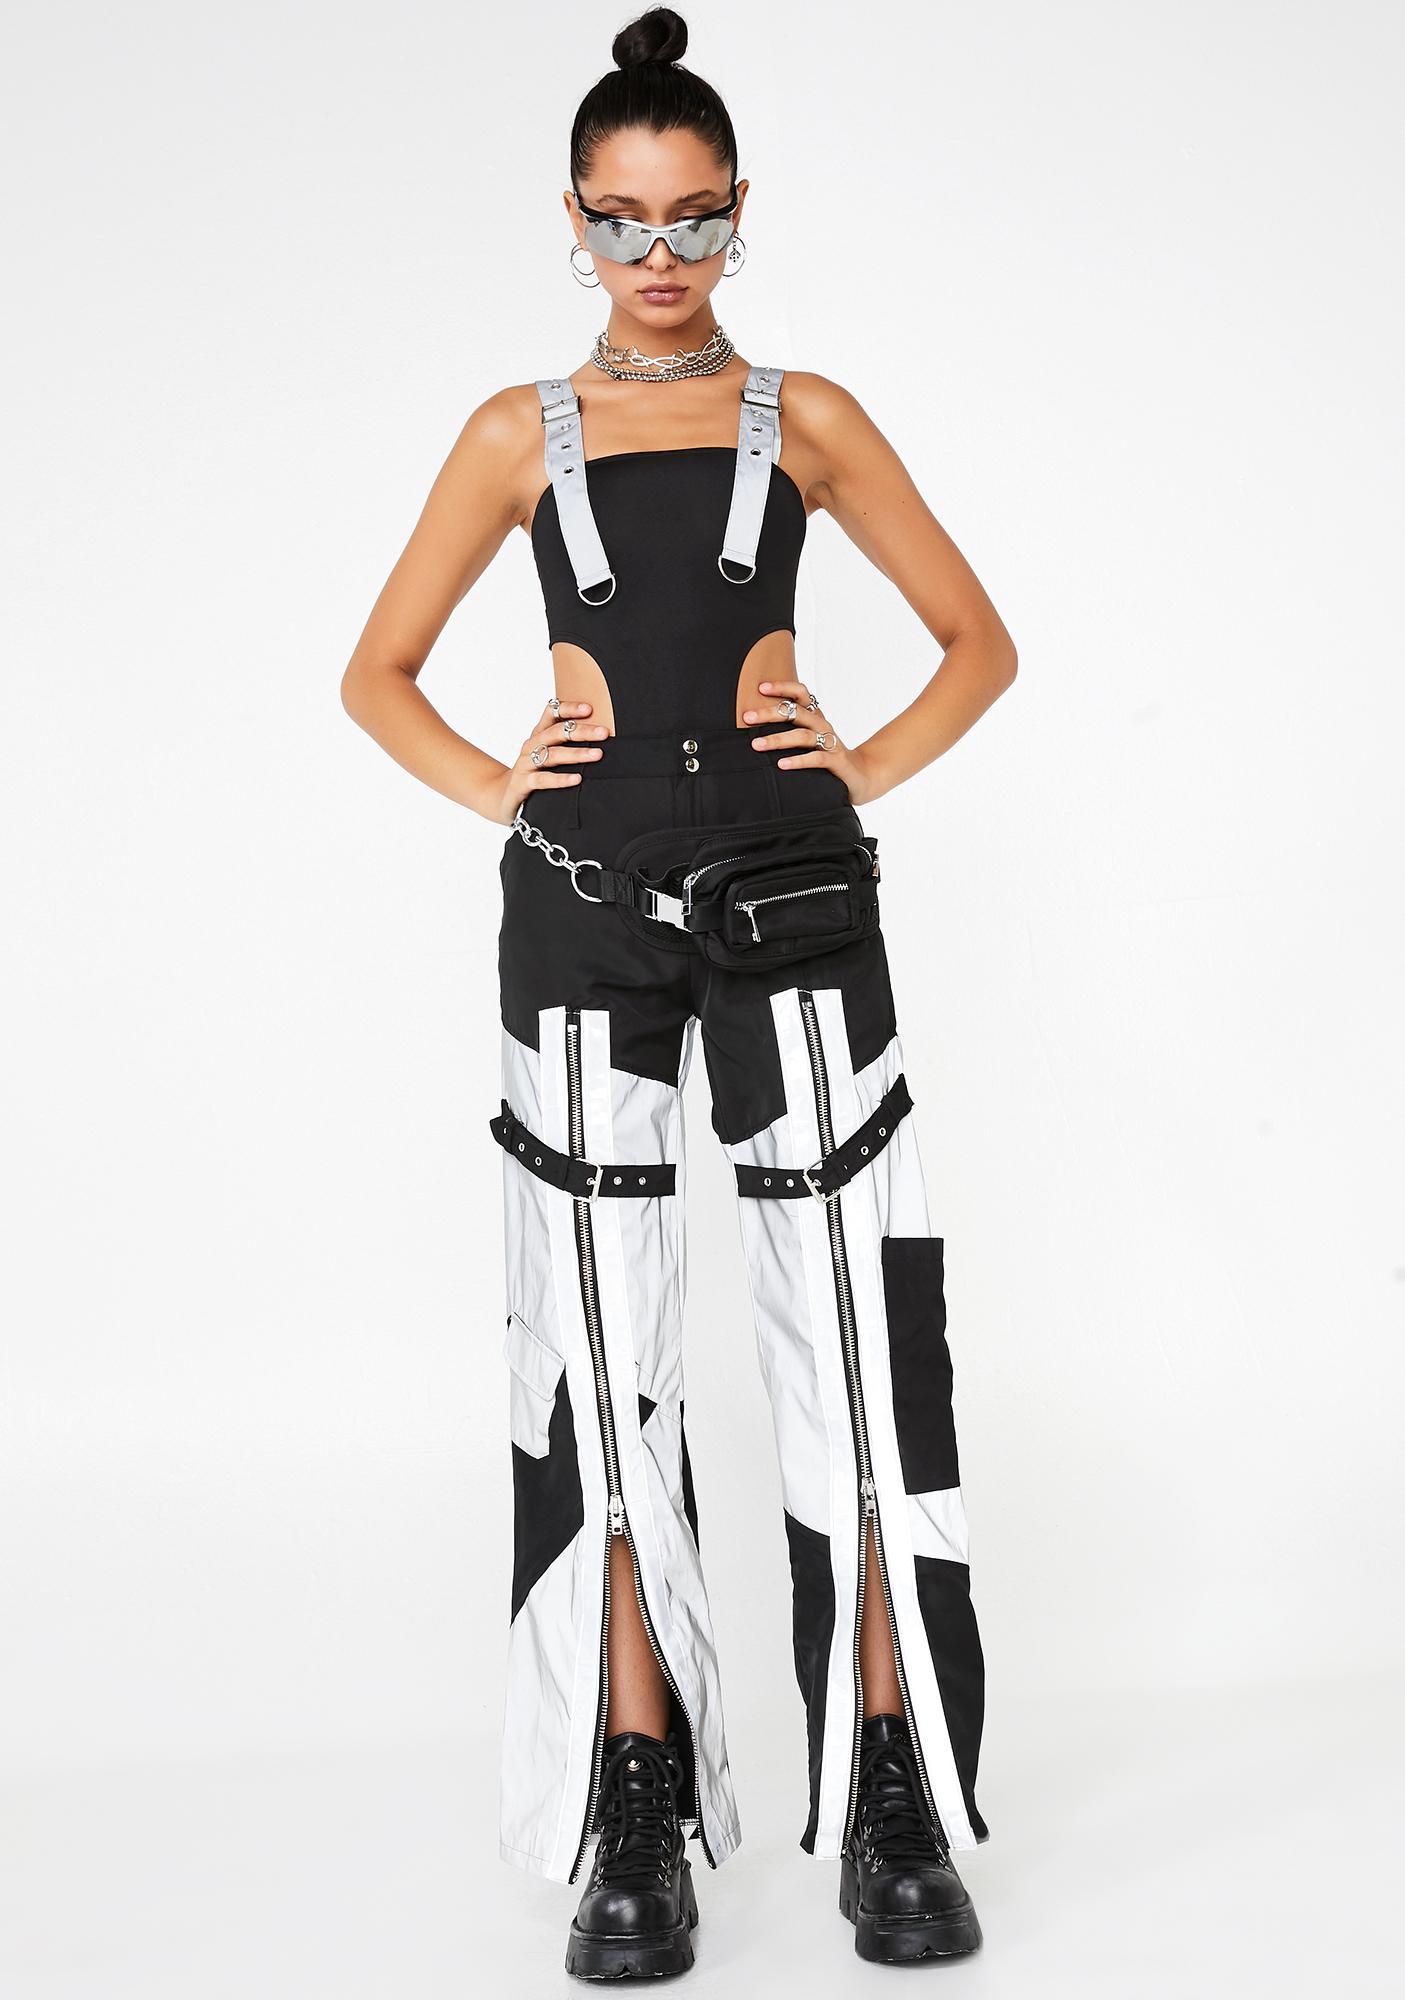 Surge Serve Reflective Bodysuit